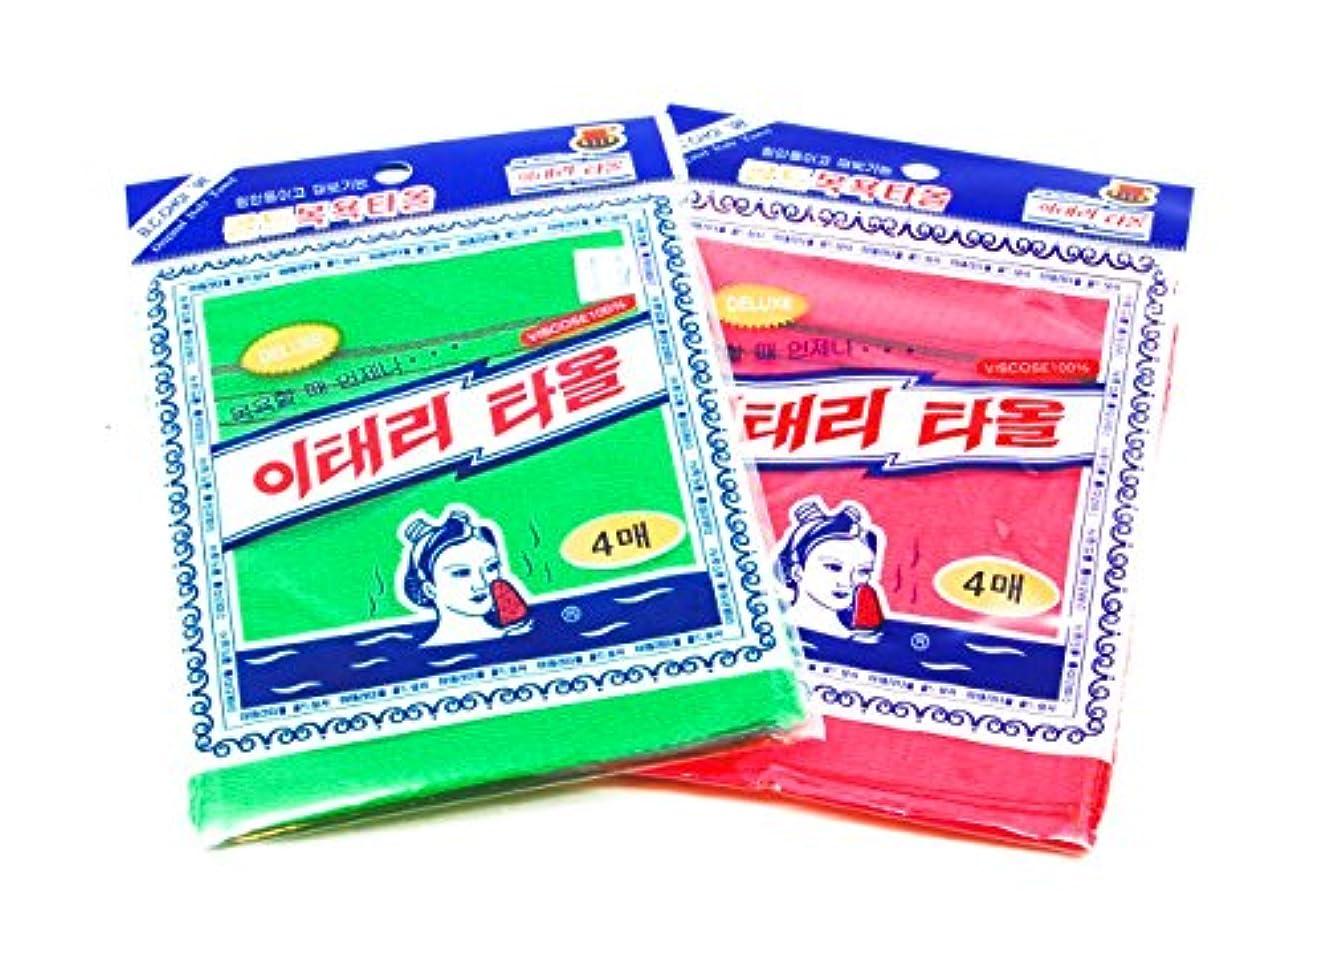 害プレミアずらすアカスリタオル (韓国式あかすりタオル) 8枚セット